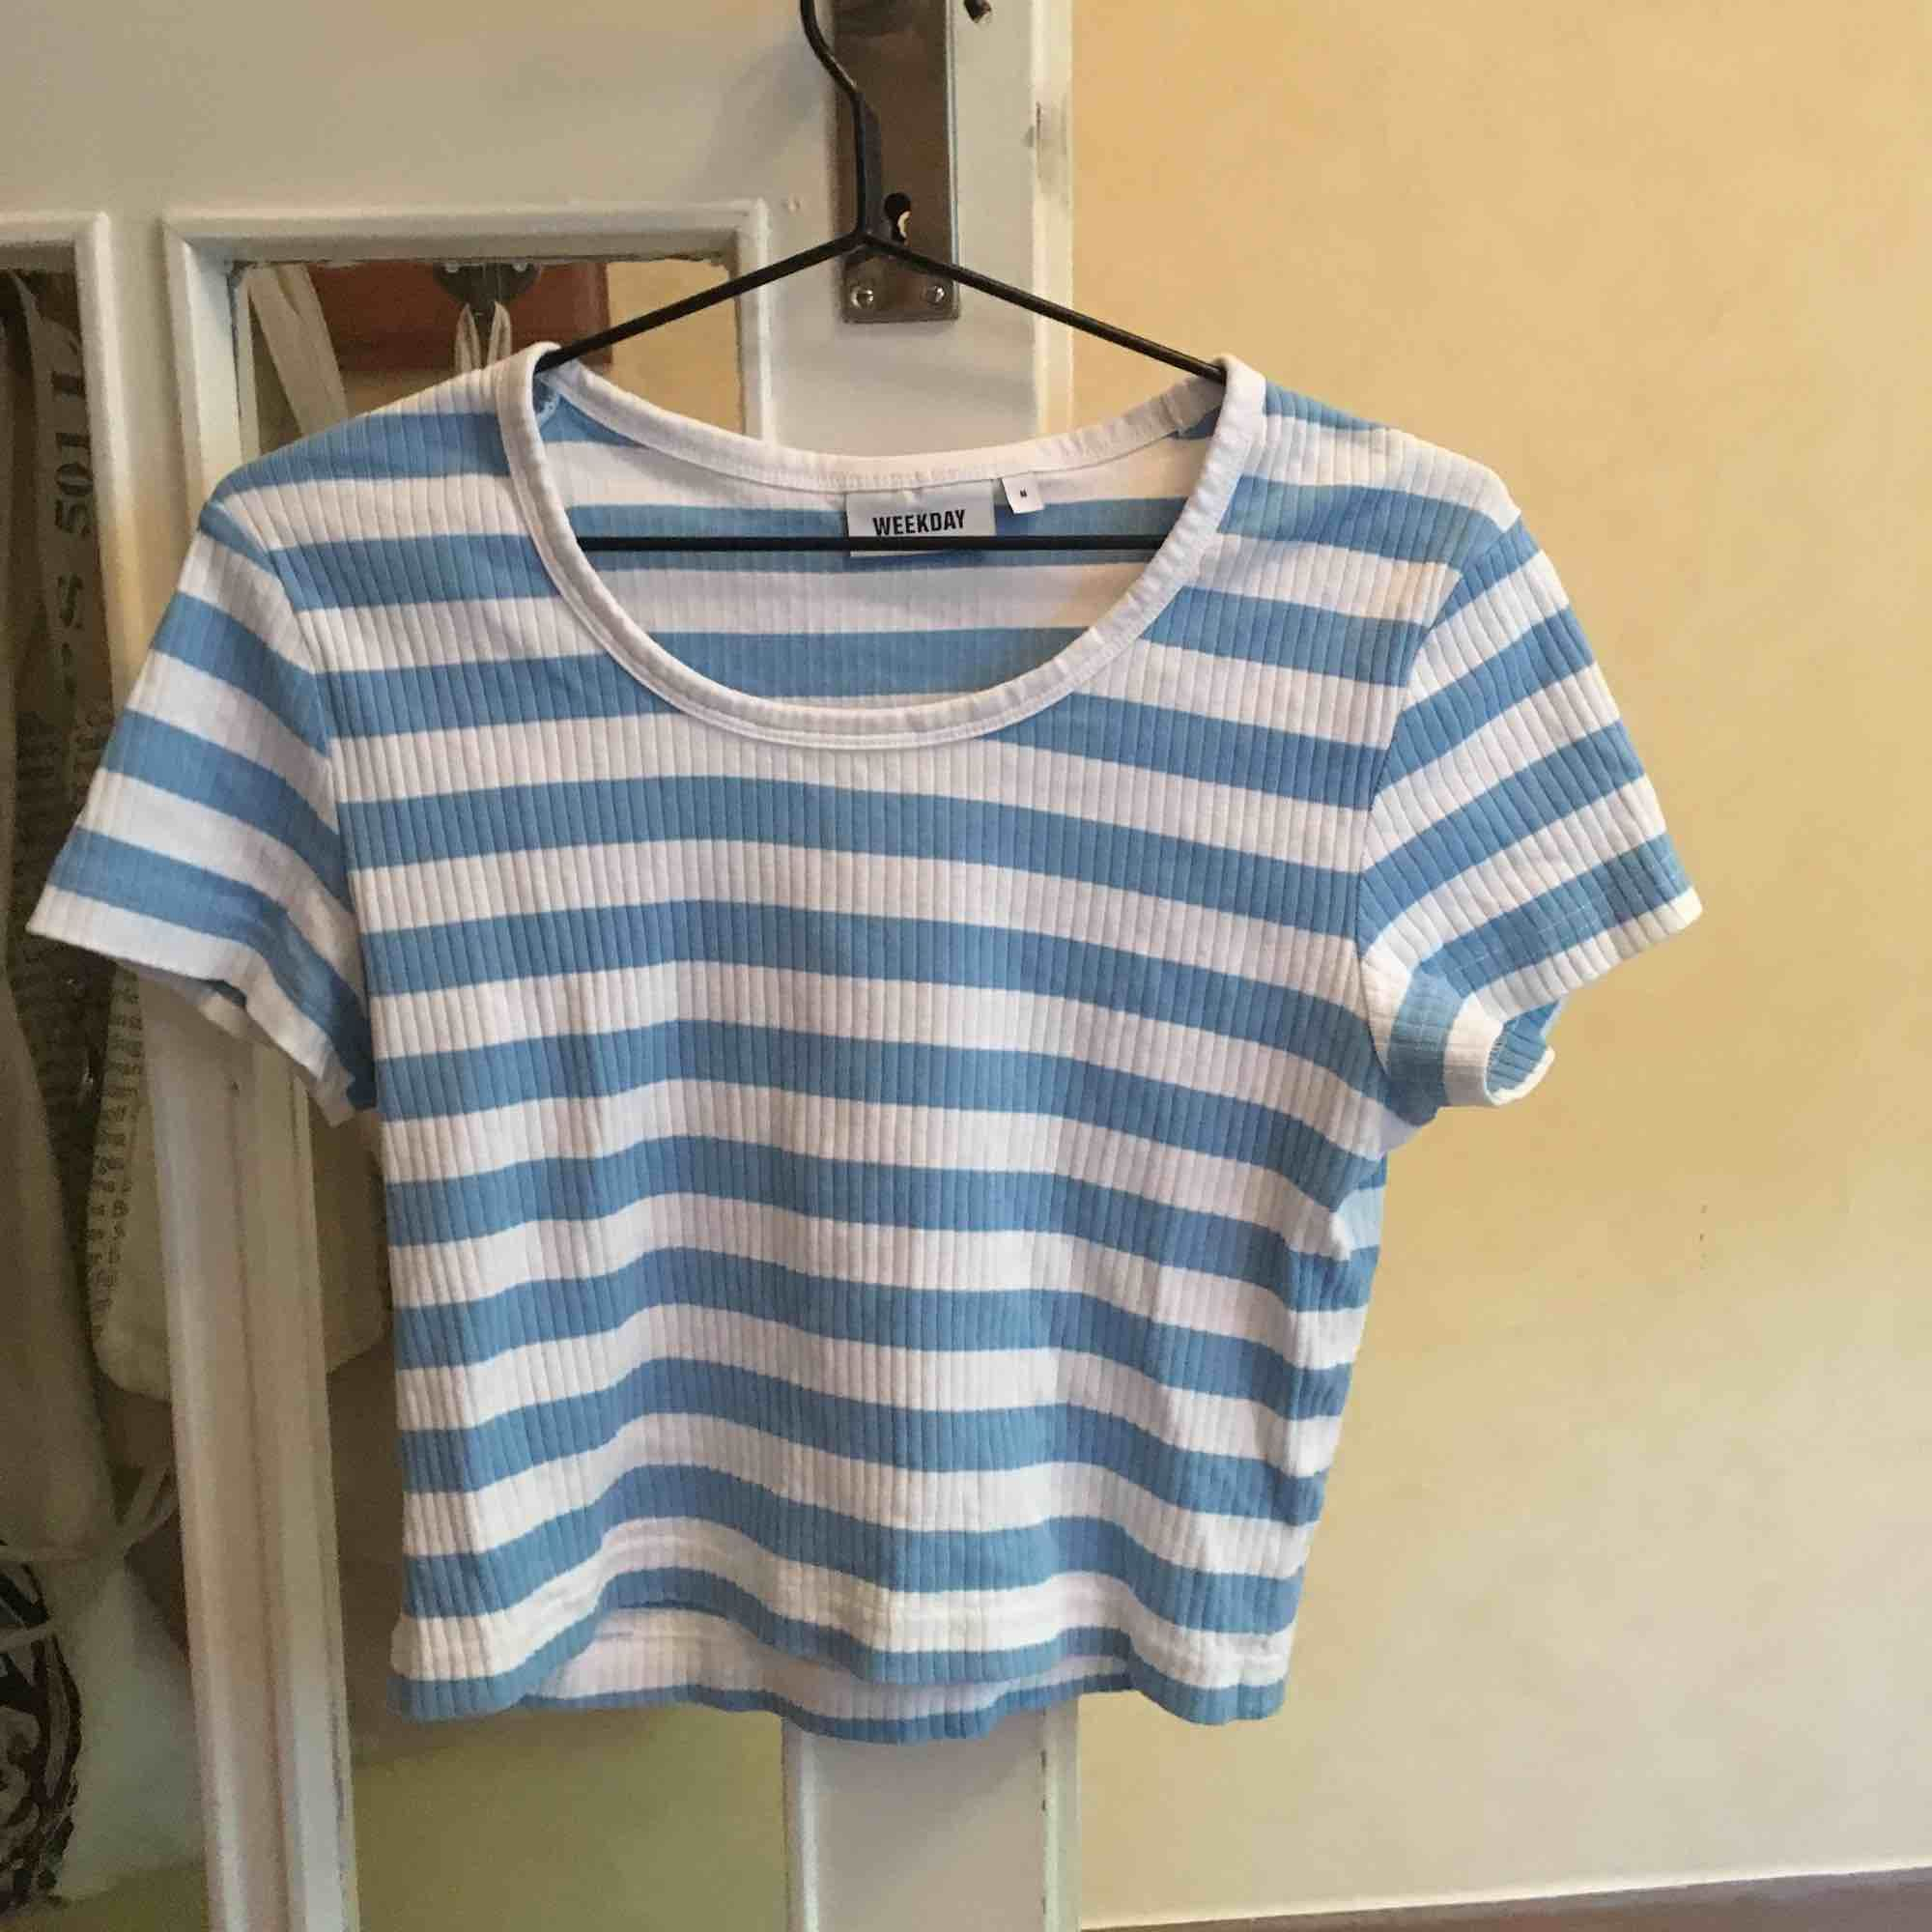 T-shirt från weekday köpt förra sommaren, mycket bra skick men använder inte längre!!  Den är cropped med lite tajt passform, superfin i sommar särskilt när kan blivit lite solbränd!  Kan mötas upp i Stockholm eller så stor köparen för frakt!. T-shirts.